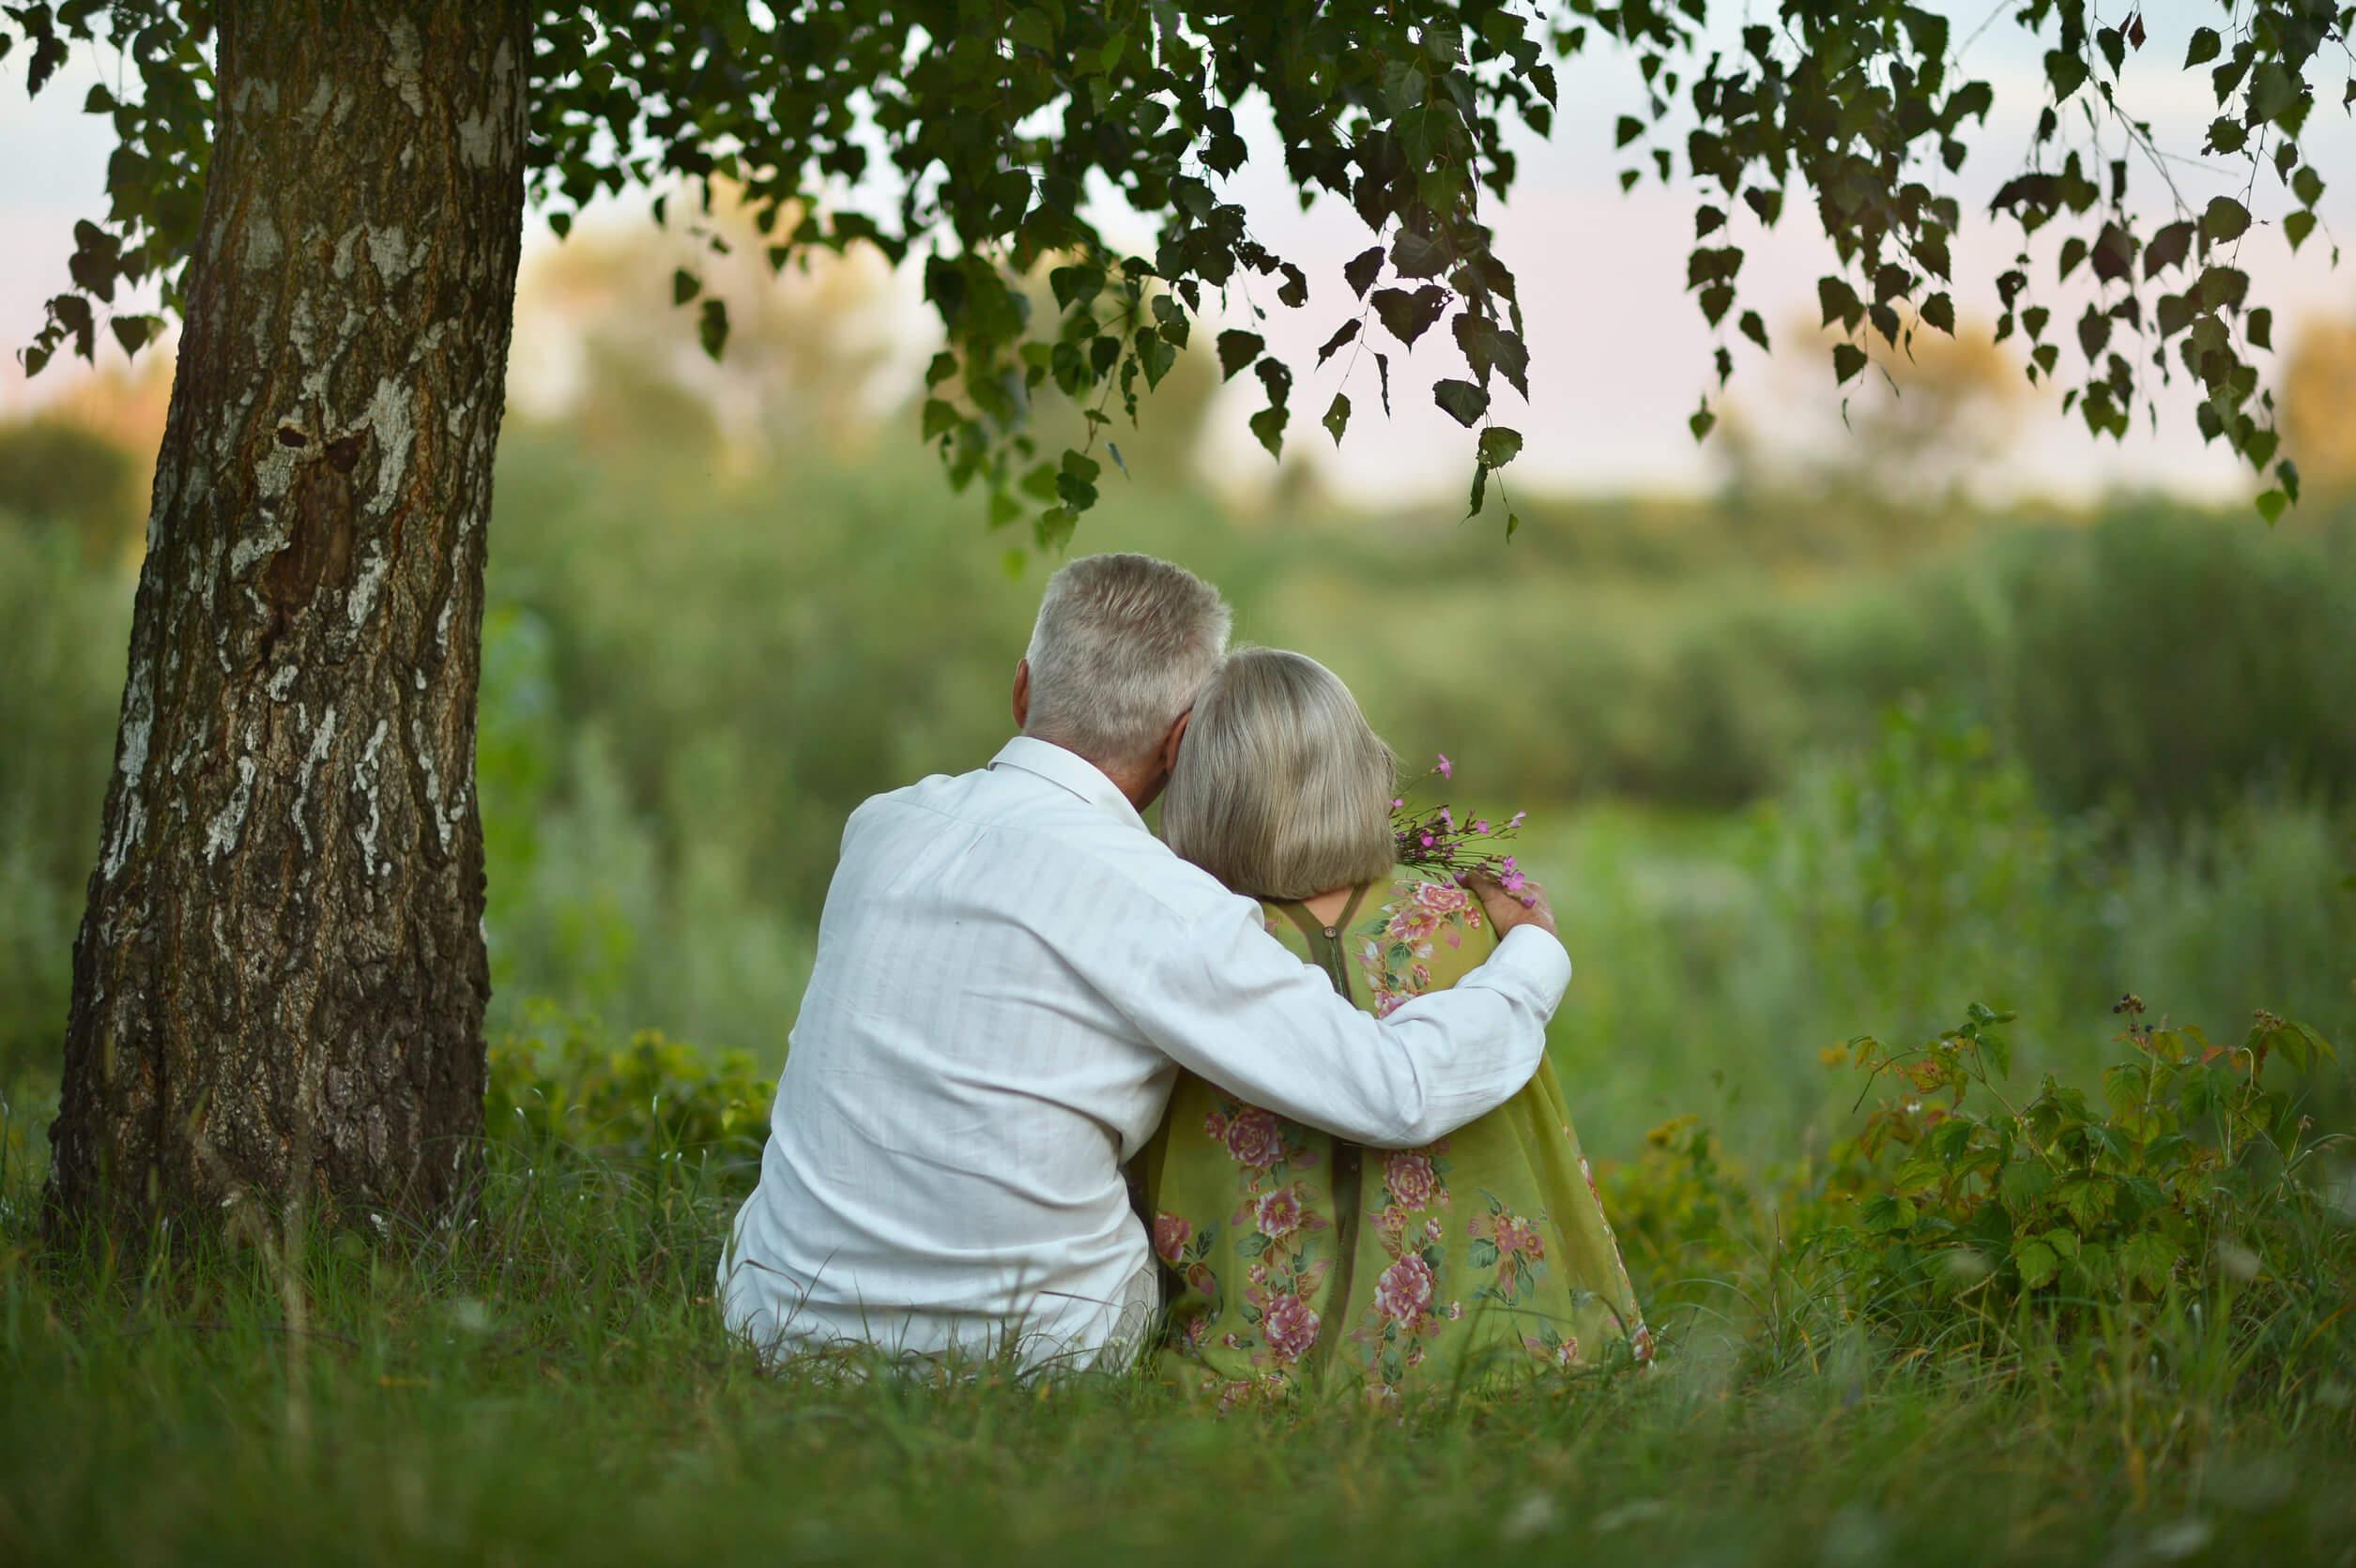 Los abuelos nunca mueren, duermen en nuestro corazón